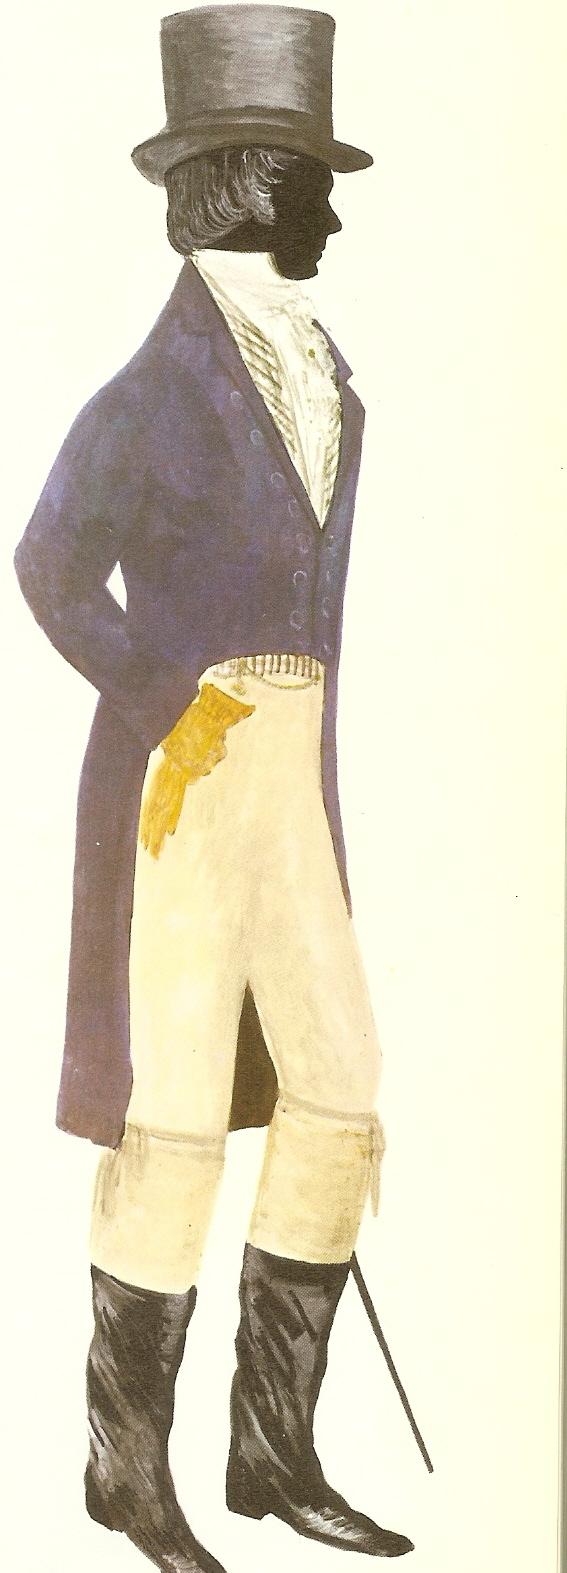 Shades from Jane Austen [1975]